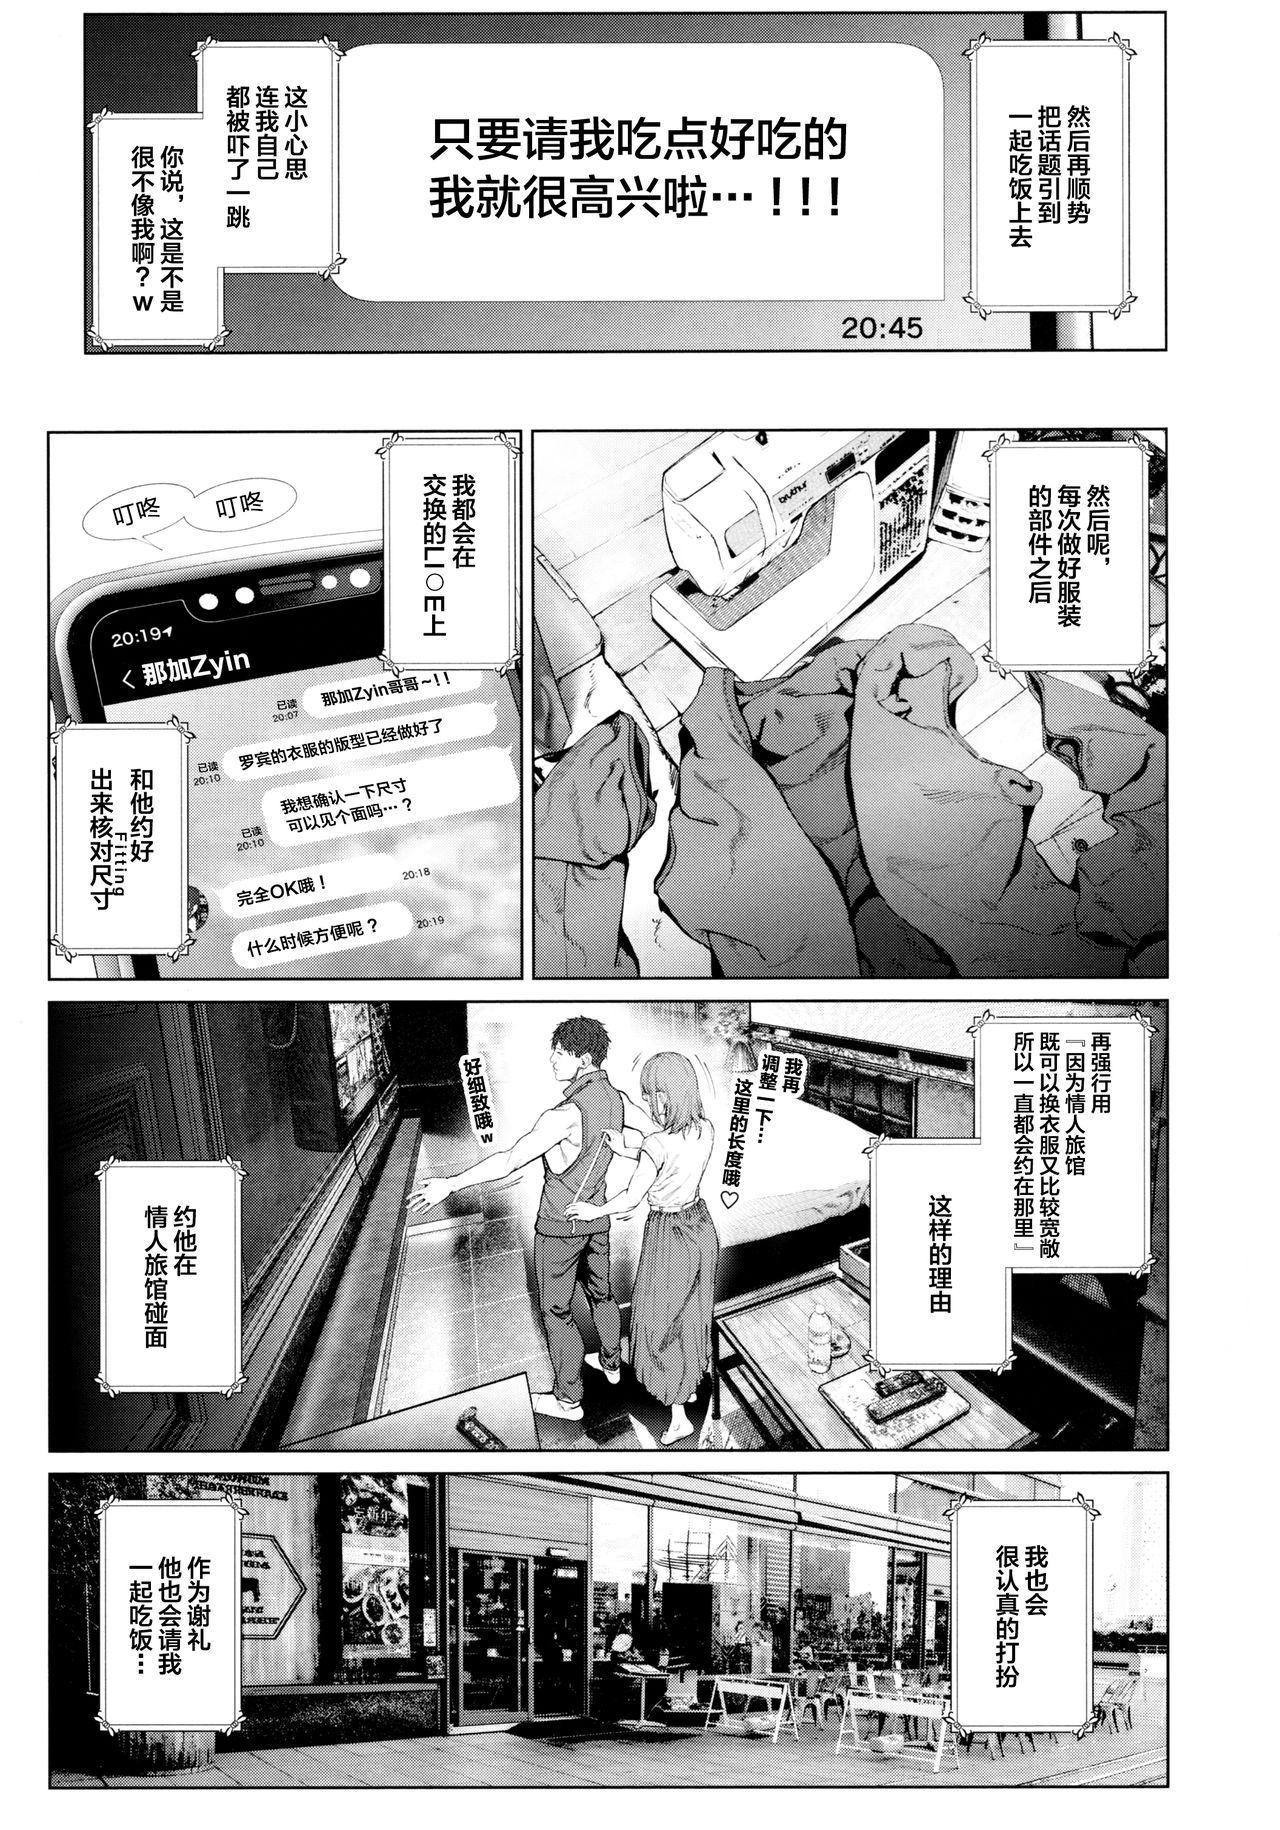 Cos wa Midara na Kamen Ninki Ikemen Layer no SeFri Ken Ishou Seisaku Tantou no Zoukei Layer wa Honmei Kanojo no Yume o Miru ka 11